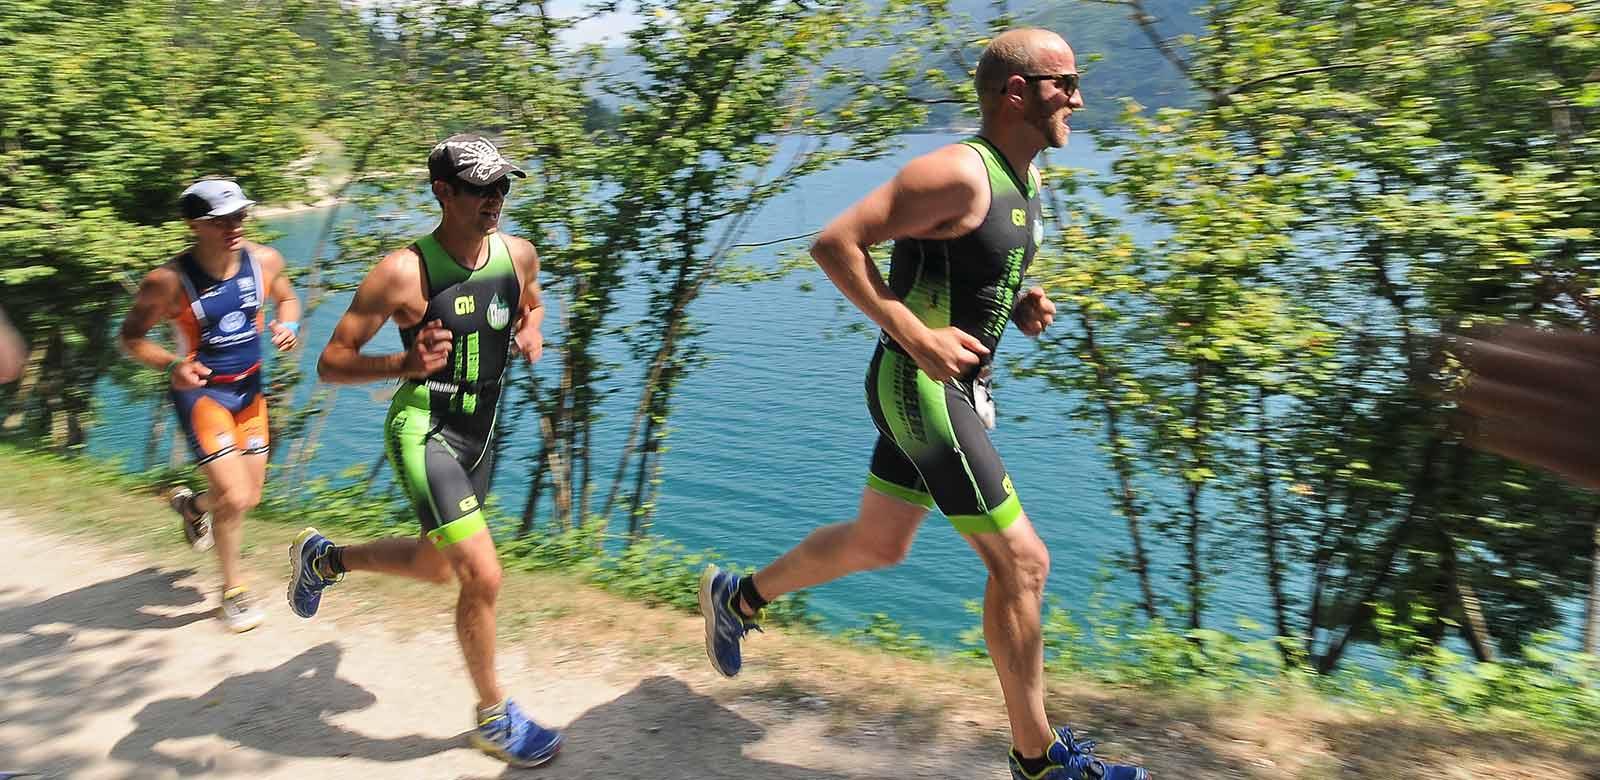 006-ledroman-2015-triathlon-valle-di-ledro.jpg